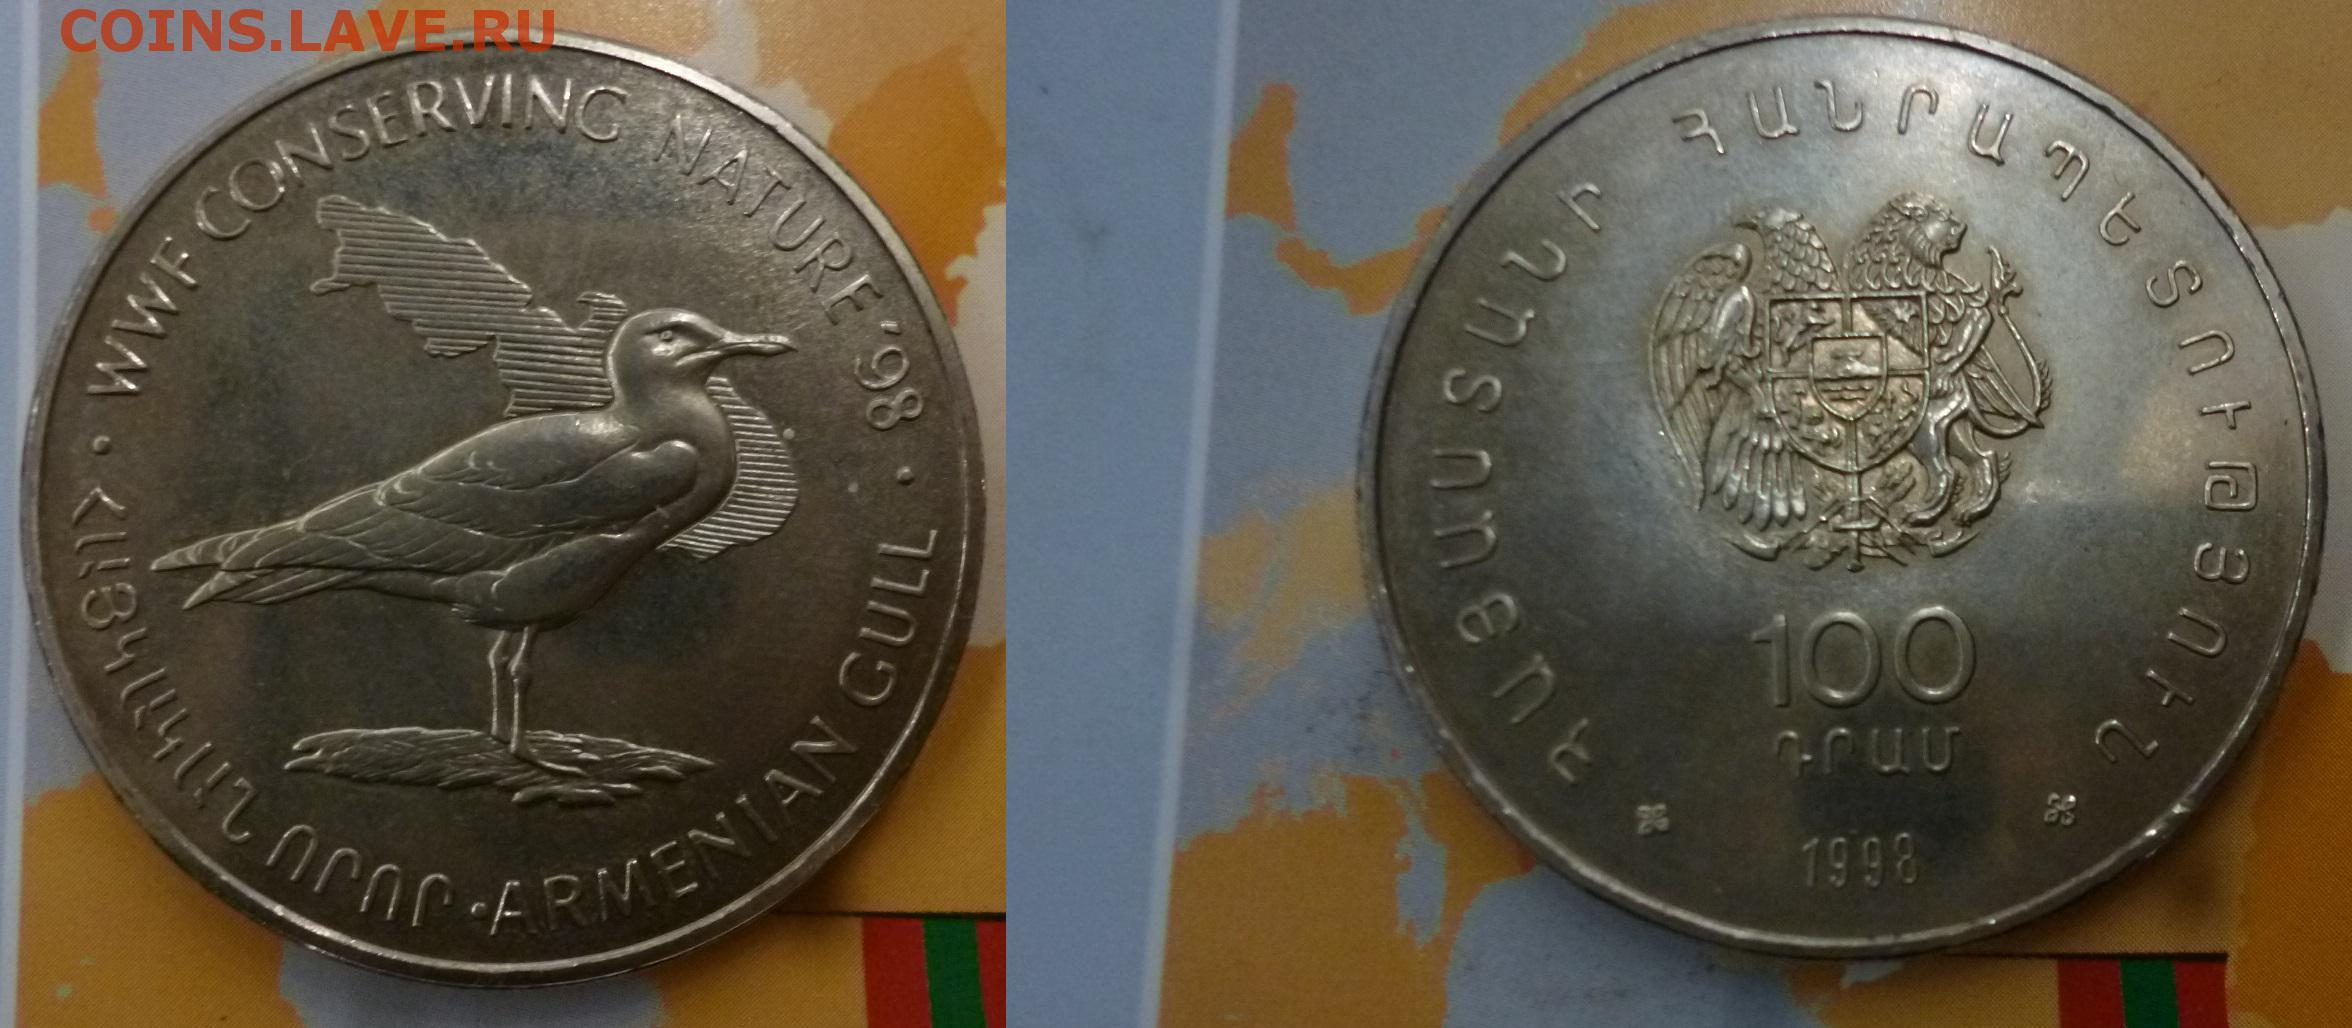 Кавказкая выдра монета купить сколько стоит монета чемпионат мира 2018